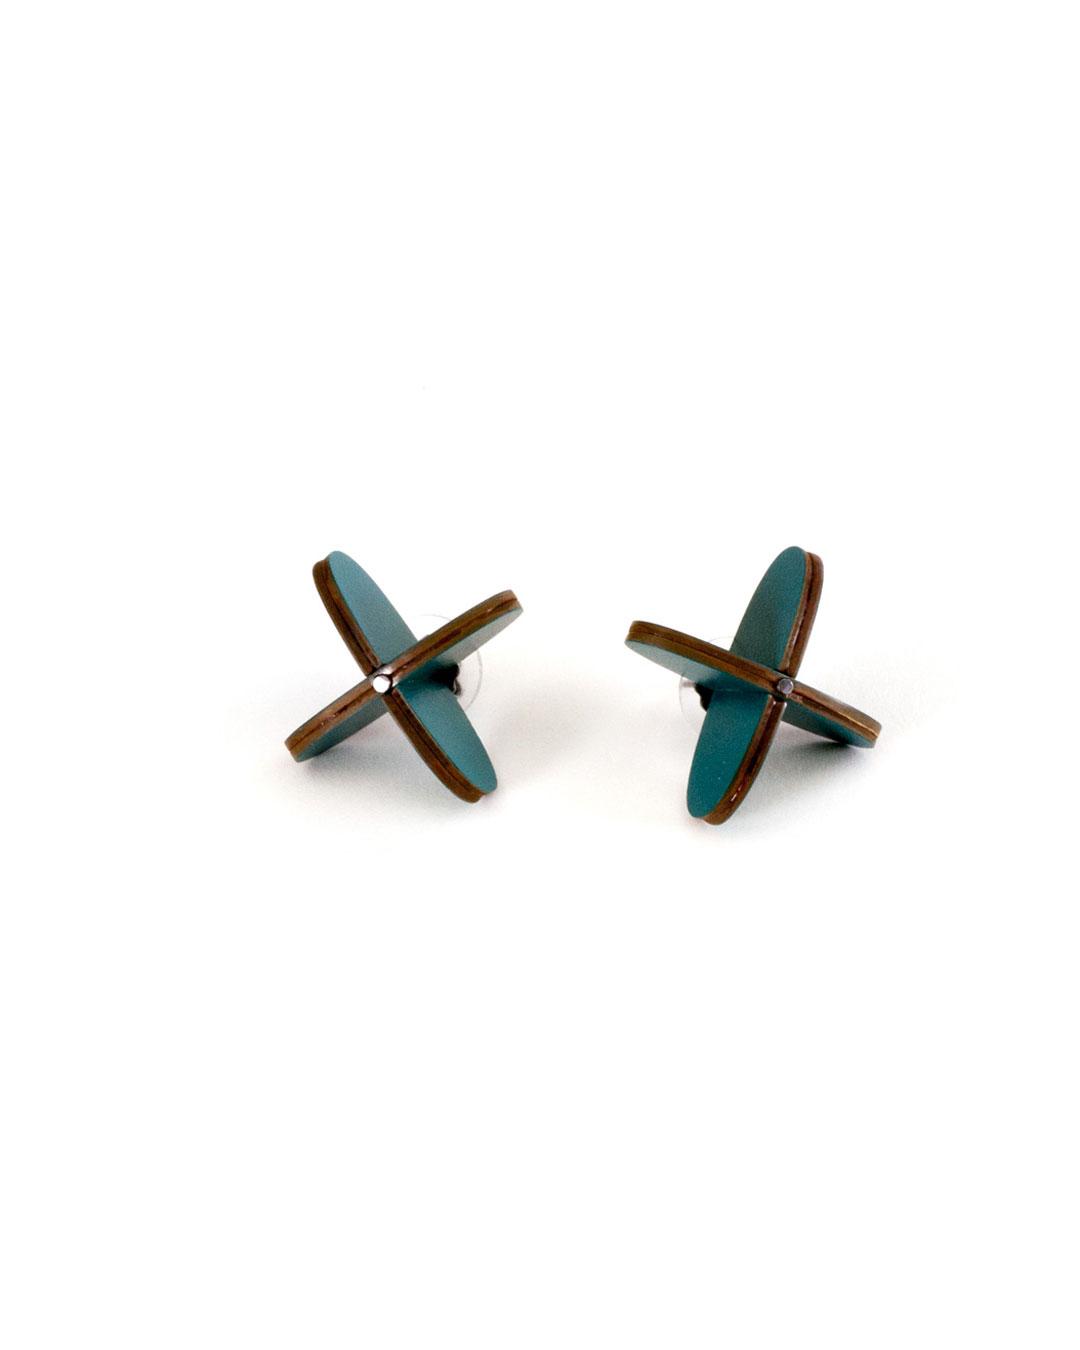 Rebecca Hannon, Pinwheel, 2015, earrings; laminate, silver, 30 x 30 x 25 mm, €340